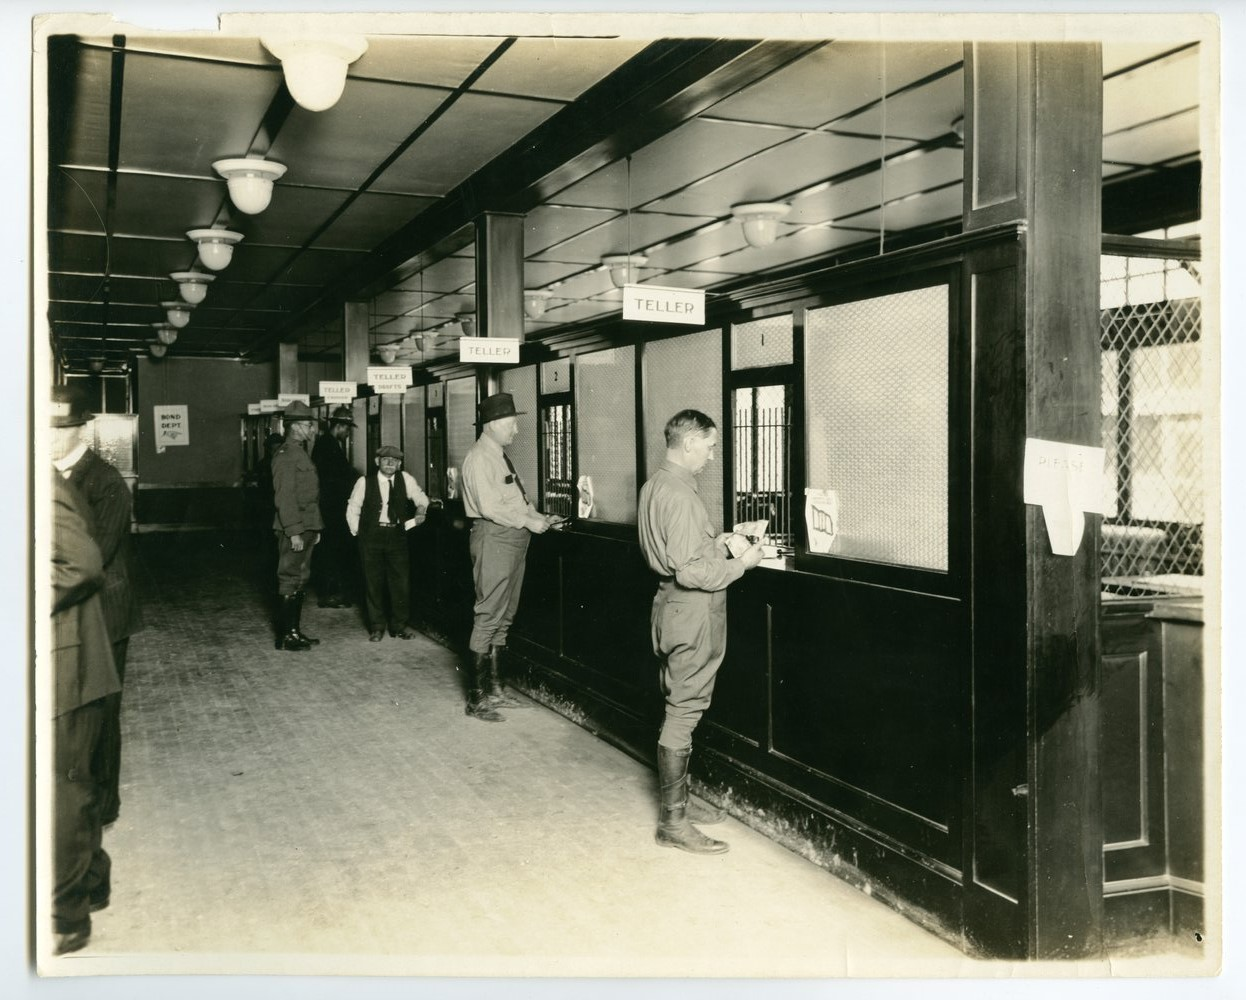 Customers at a bank in  Army City, Kansas - 1